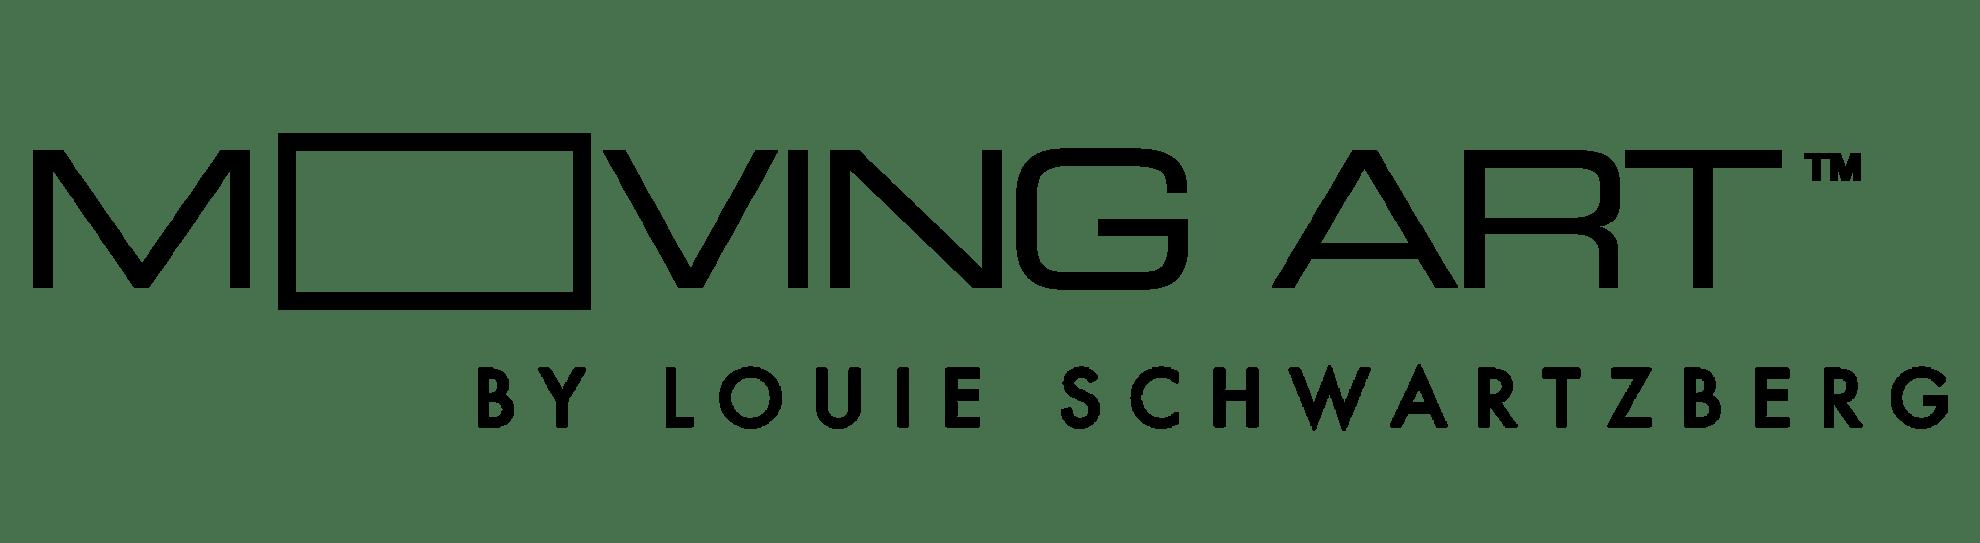 MovingArt_Logo.png